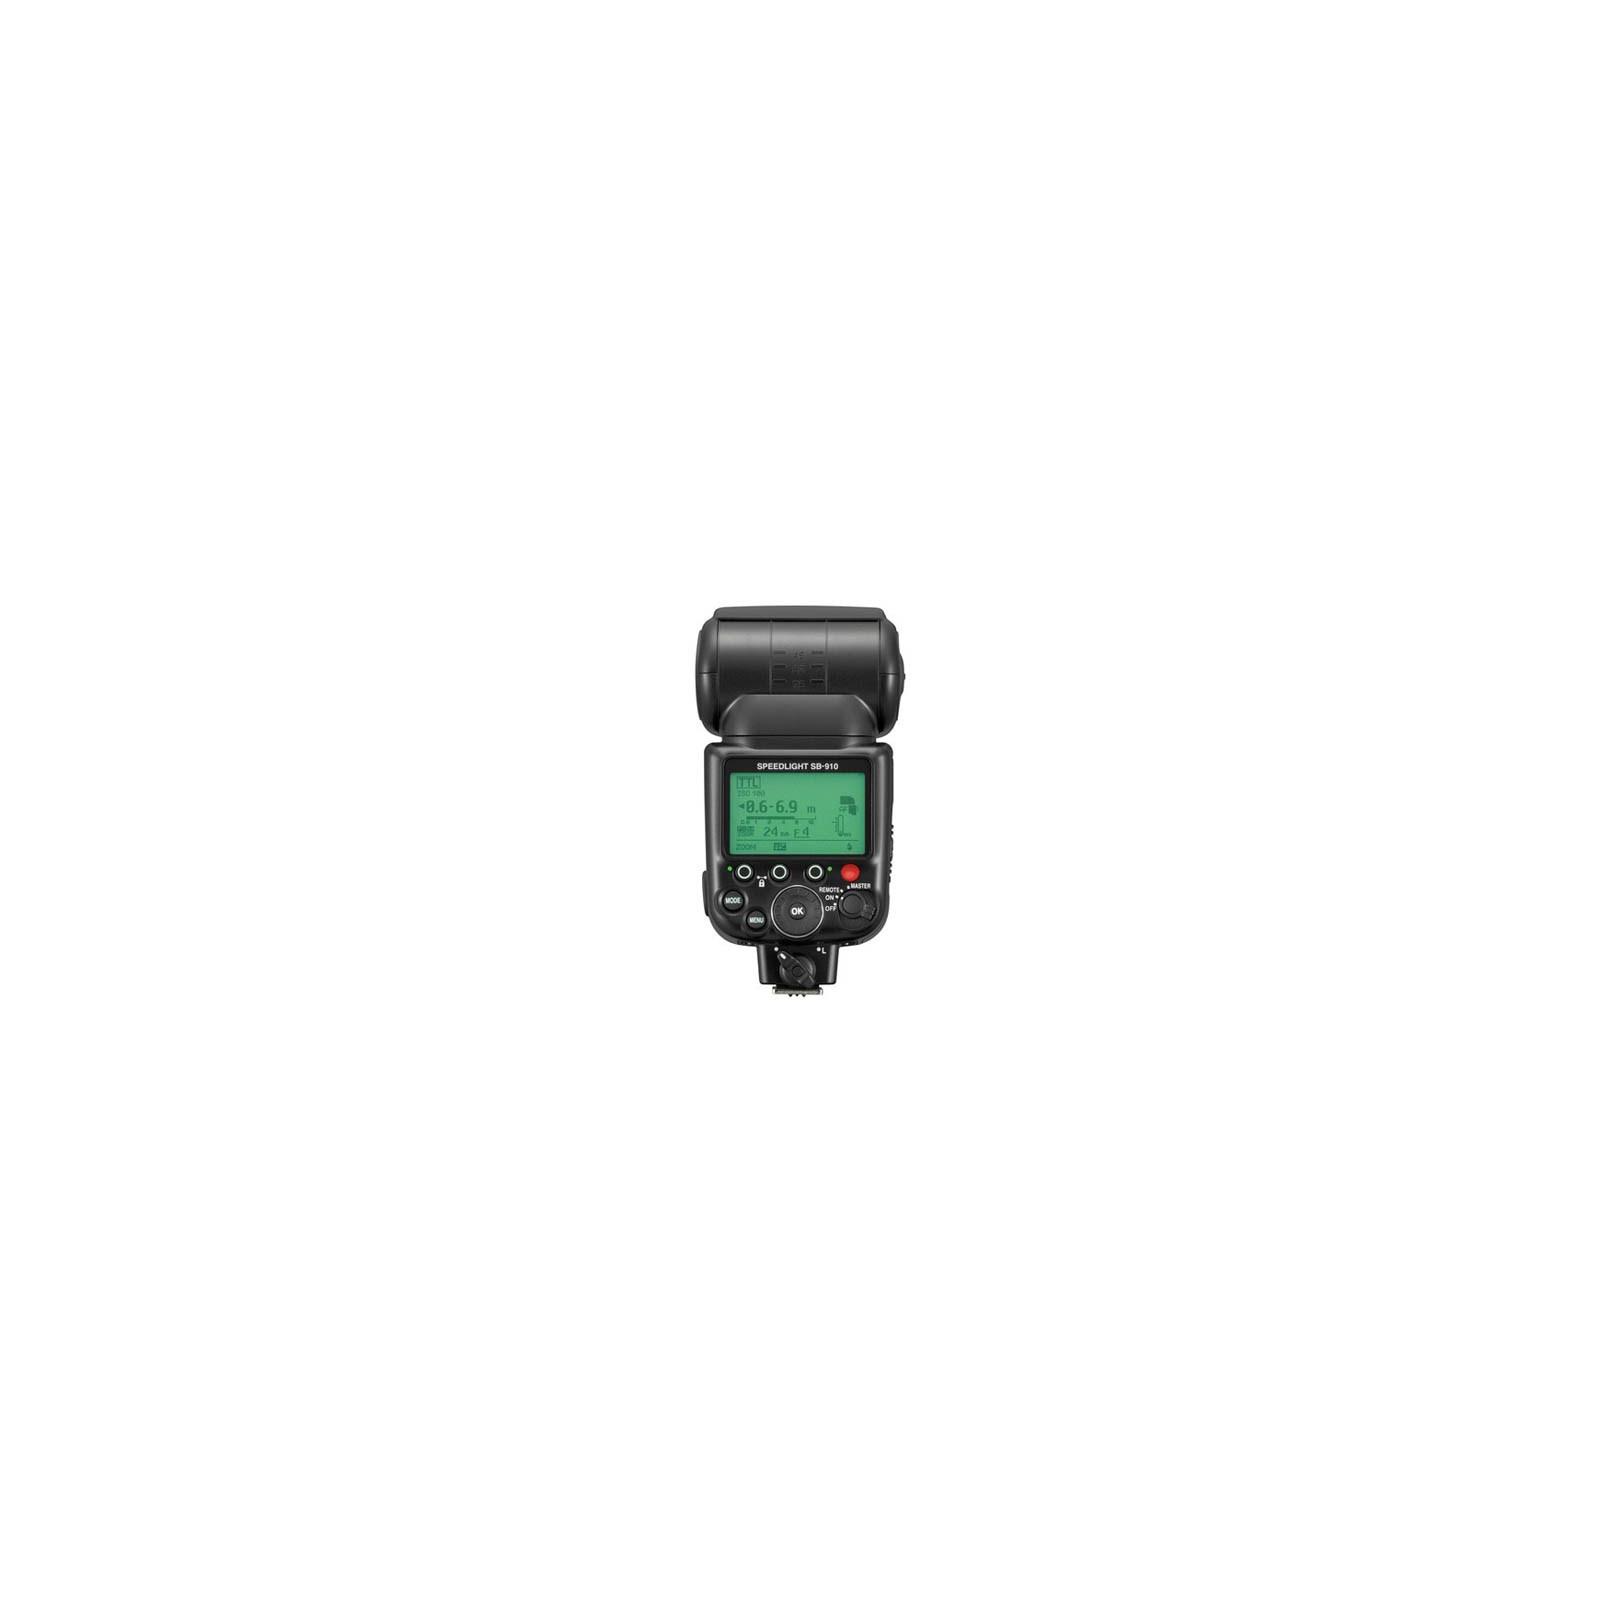 Вспышка Speedlight SB-910 Nikon (FSA04001) изображение 2